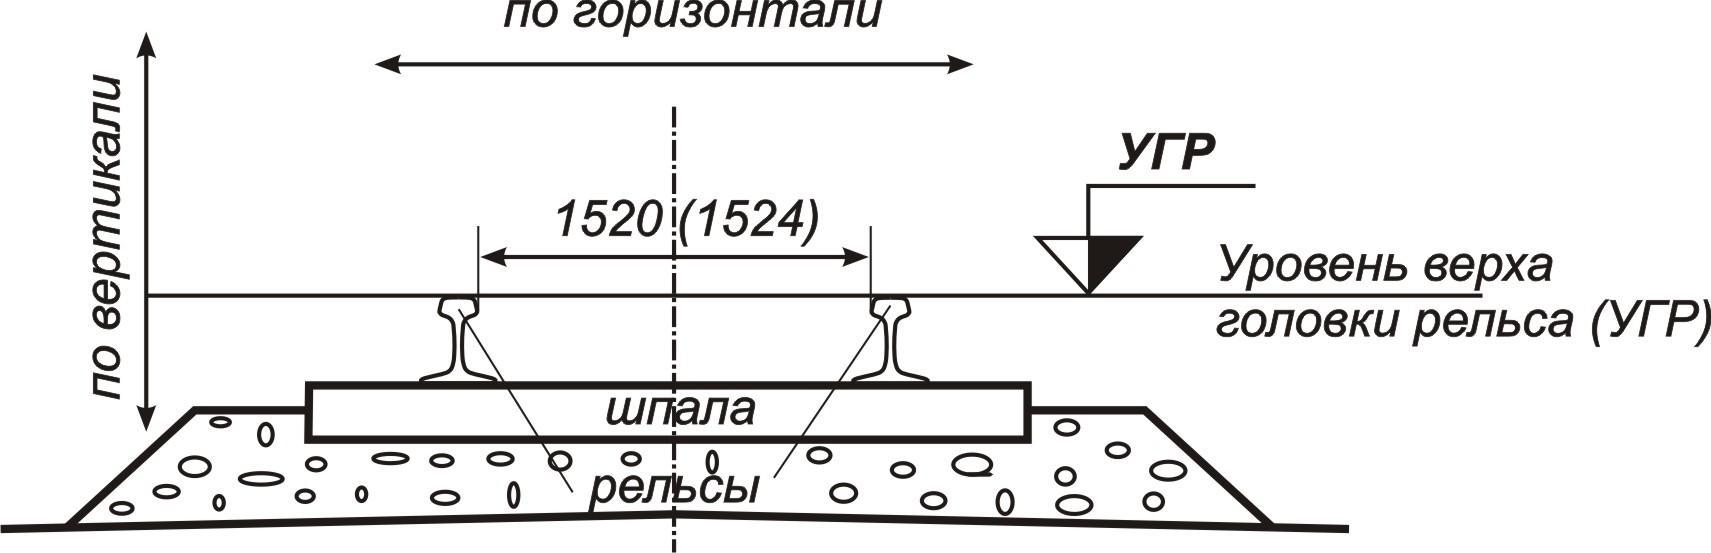 Схема колеи